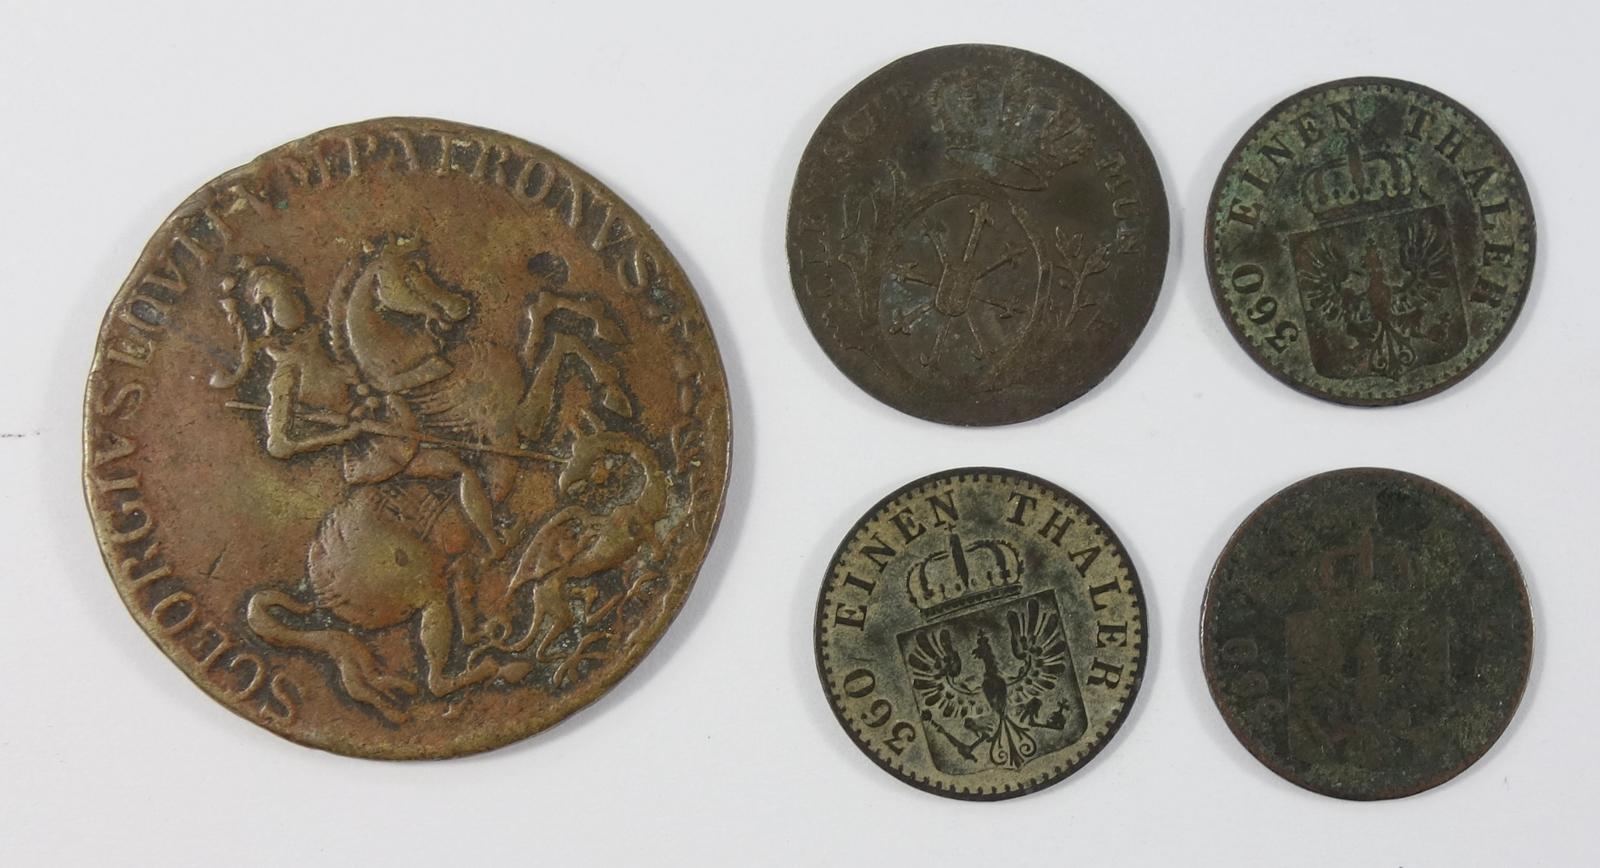 4 div. Kleinmünzen und AE-Medaille, Kremnitz: 2 Stüber 1756 C, Friedrich II., Preussen; 3* 1 Pfennig